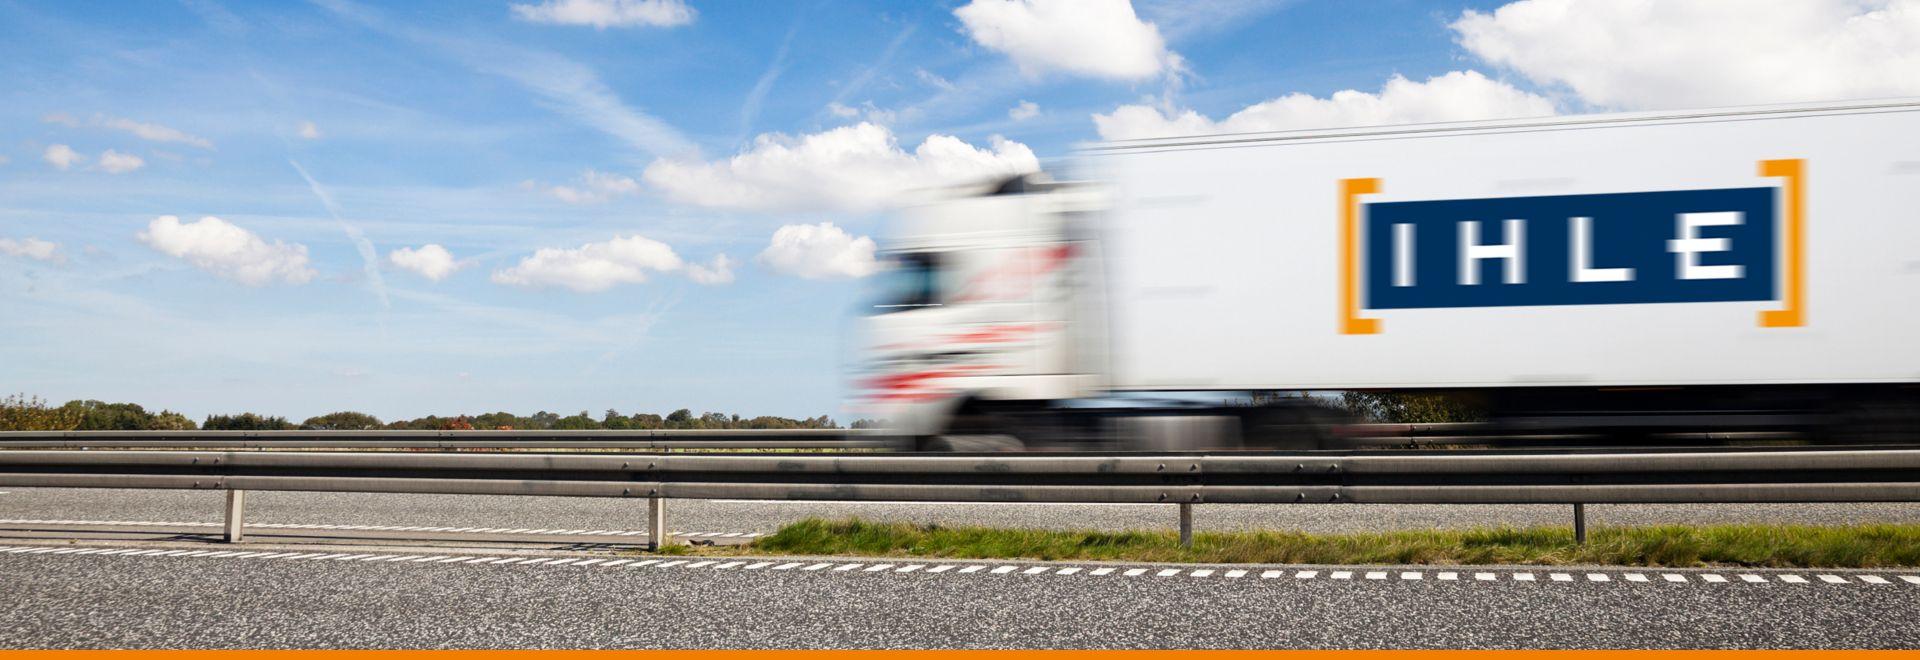 IHLE LKW: Reifengroßhandel Europa